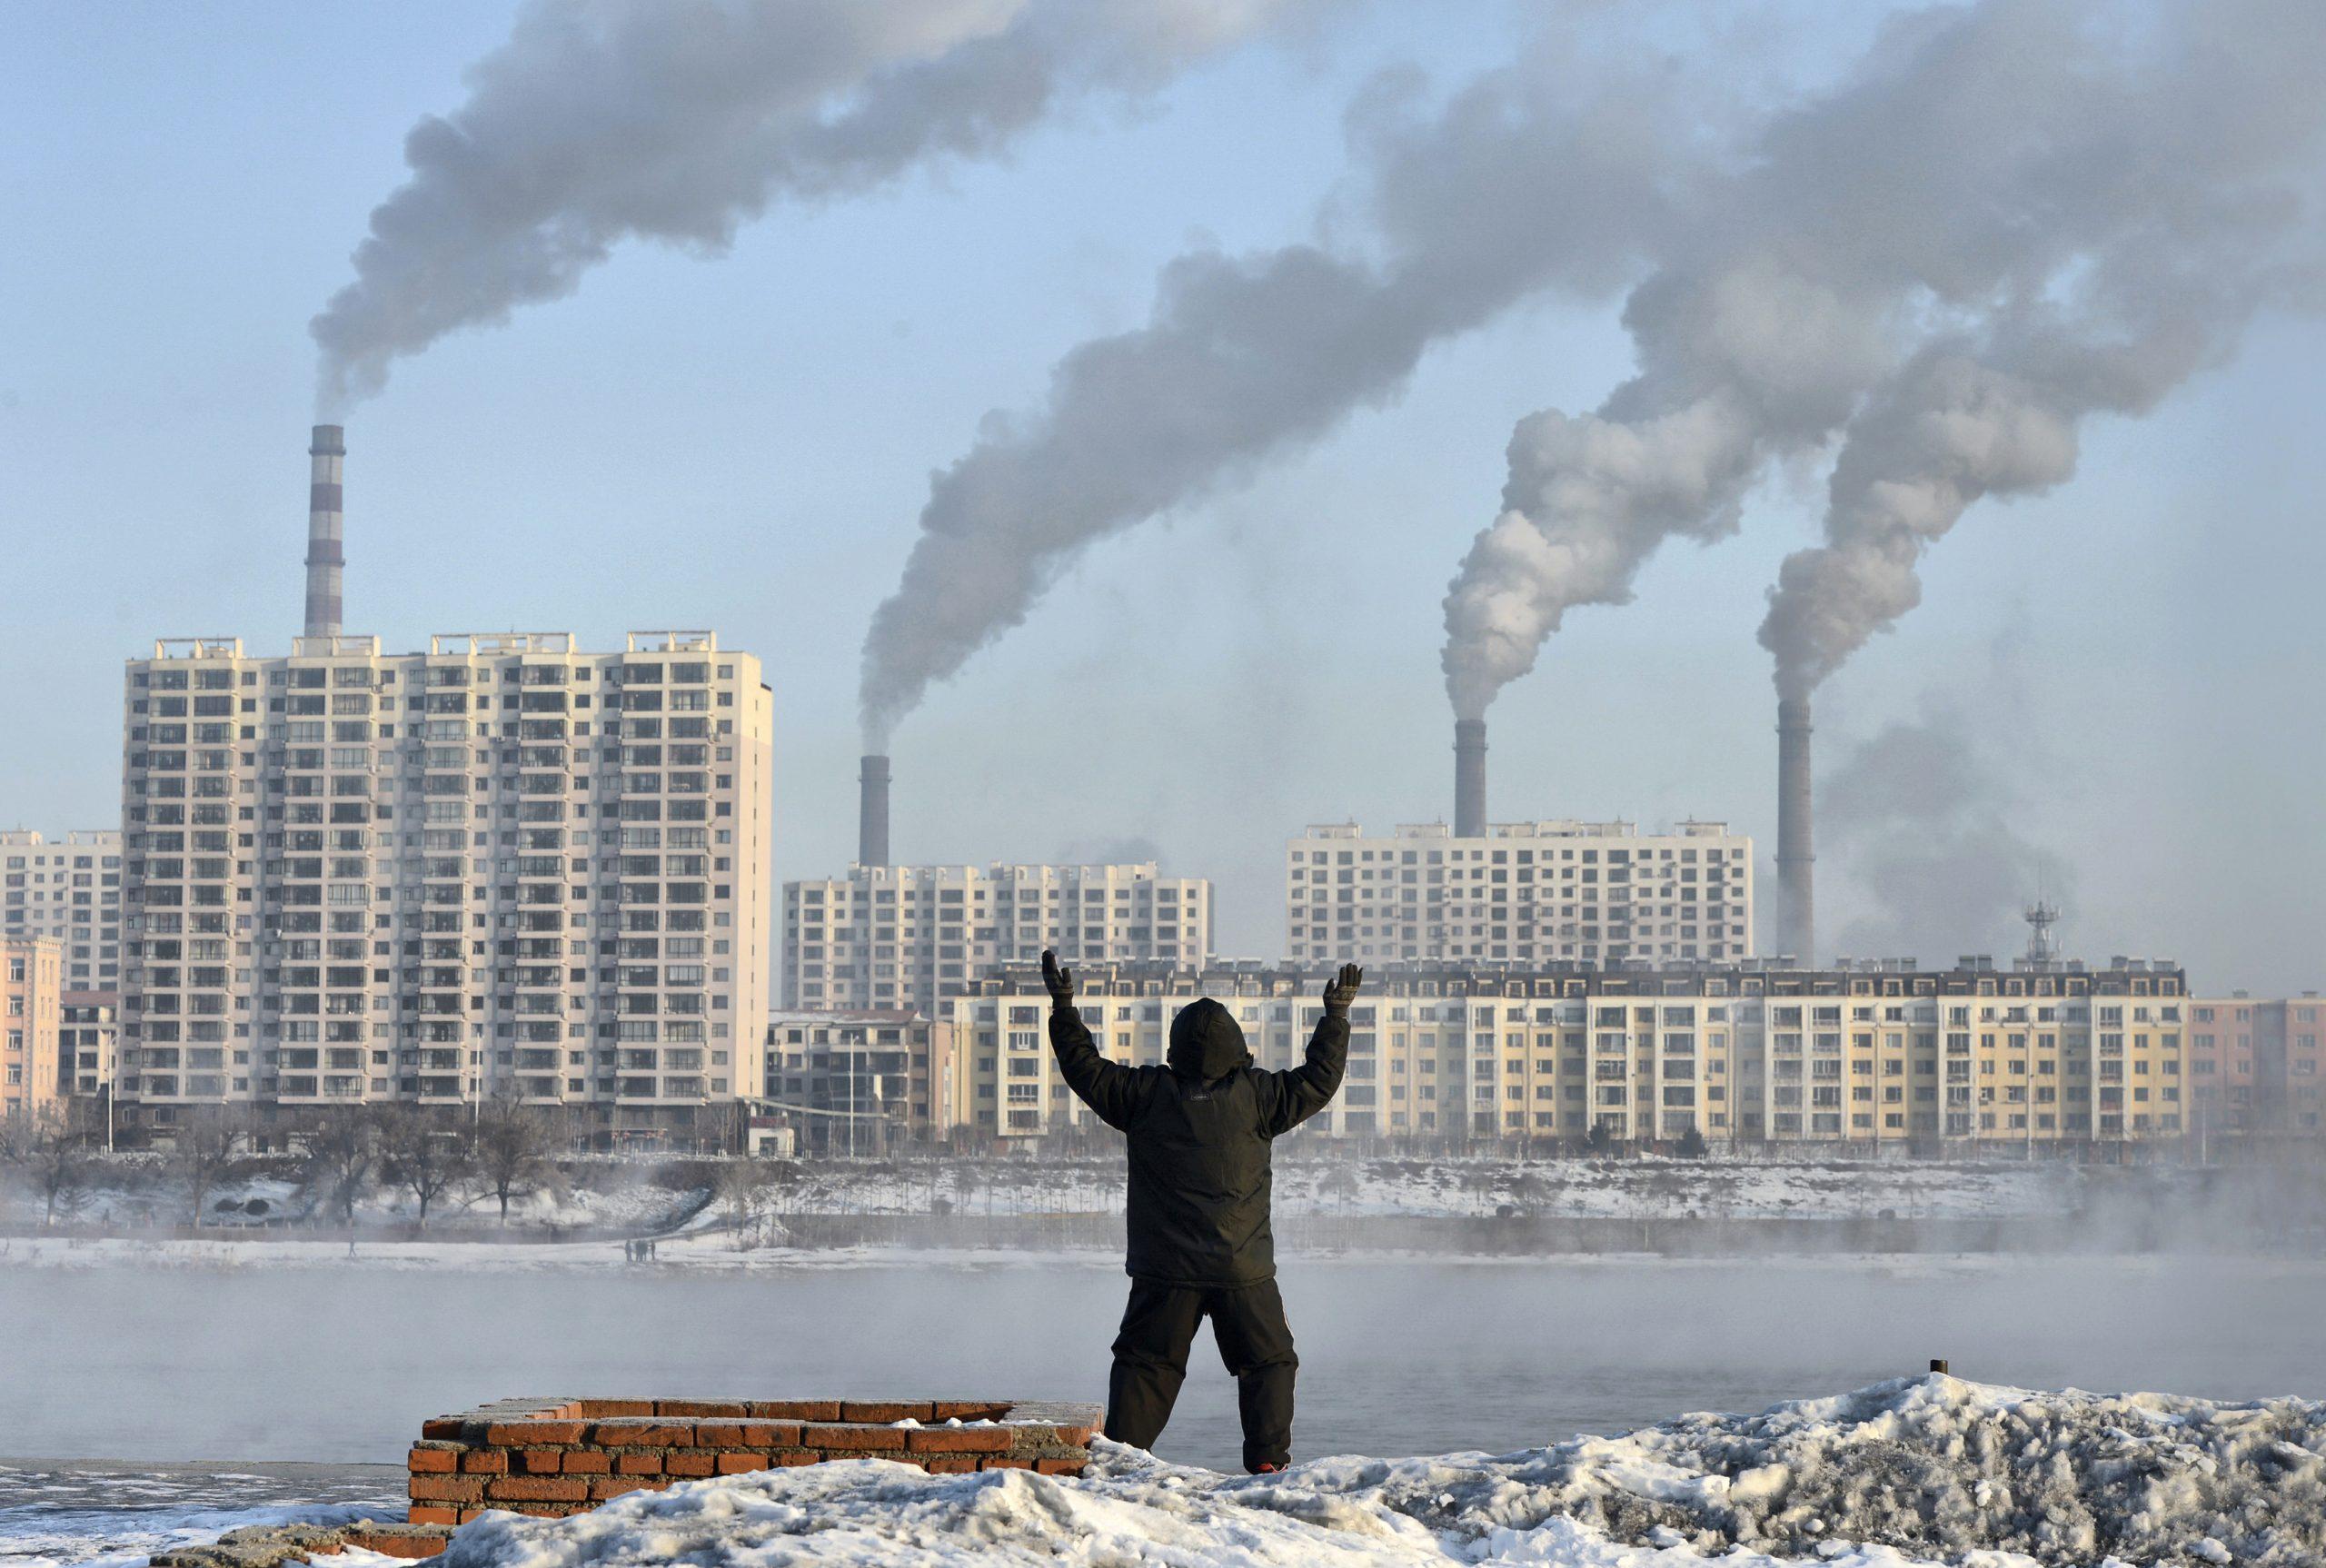 Ô nhiễm không khí là một trong những nguyên nhân gây tử vong hàng đầu trên toàn thế giới. Hình ảnh: REUTERS / Stringer